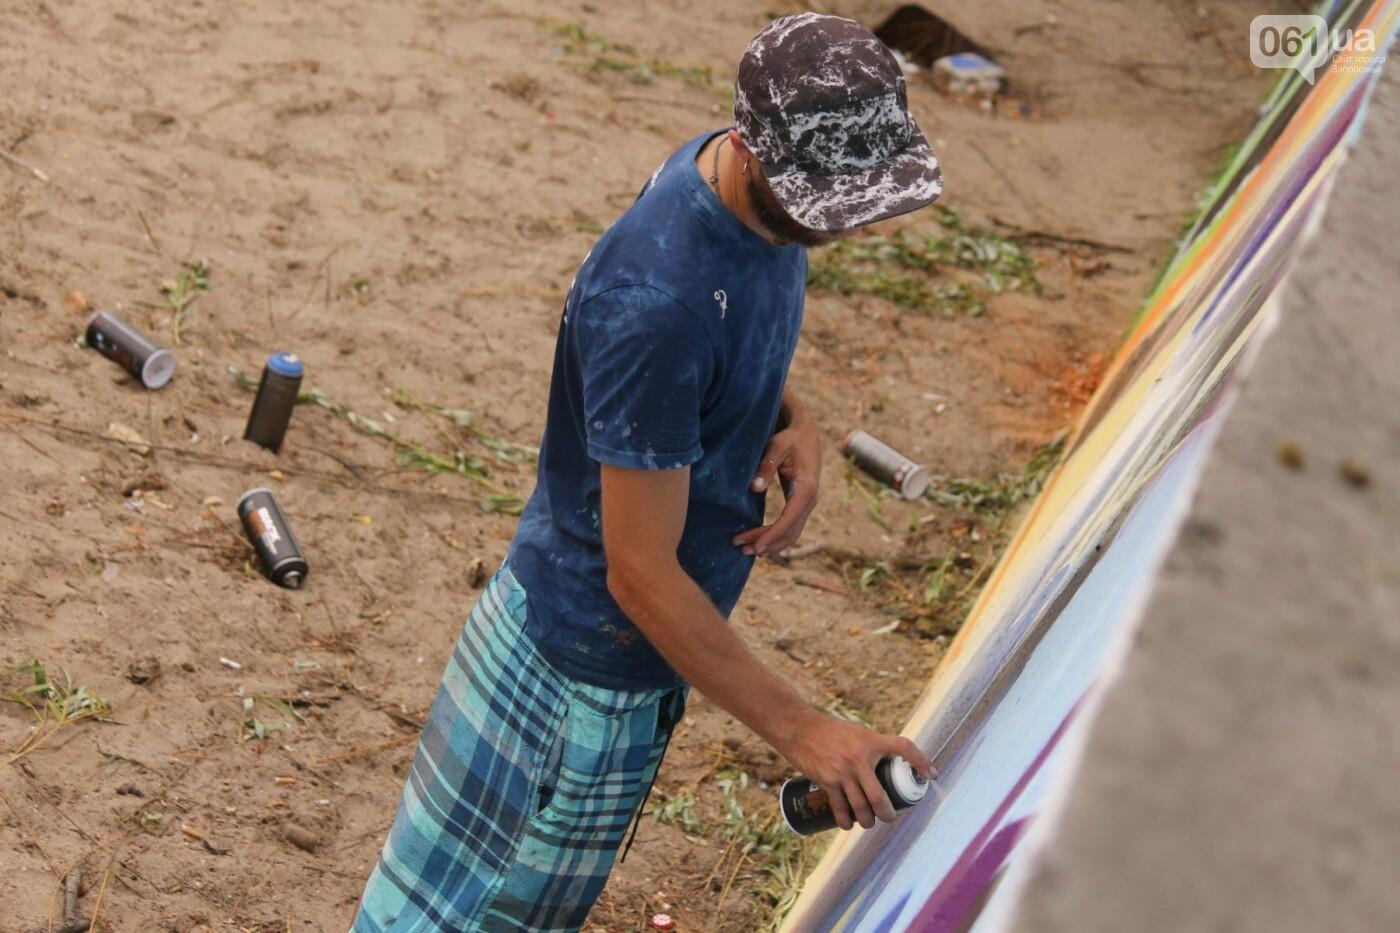 В Запорожье на пляже закончился фестиваль граффити: разрисовали 150 метров бетонной стены, – ФОТОРЕПОРТАЖ, фото-39